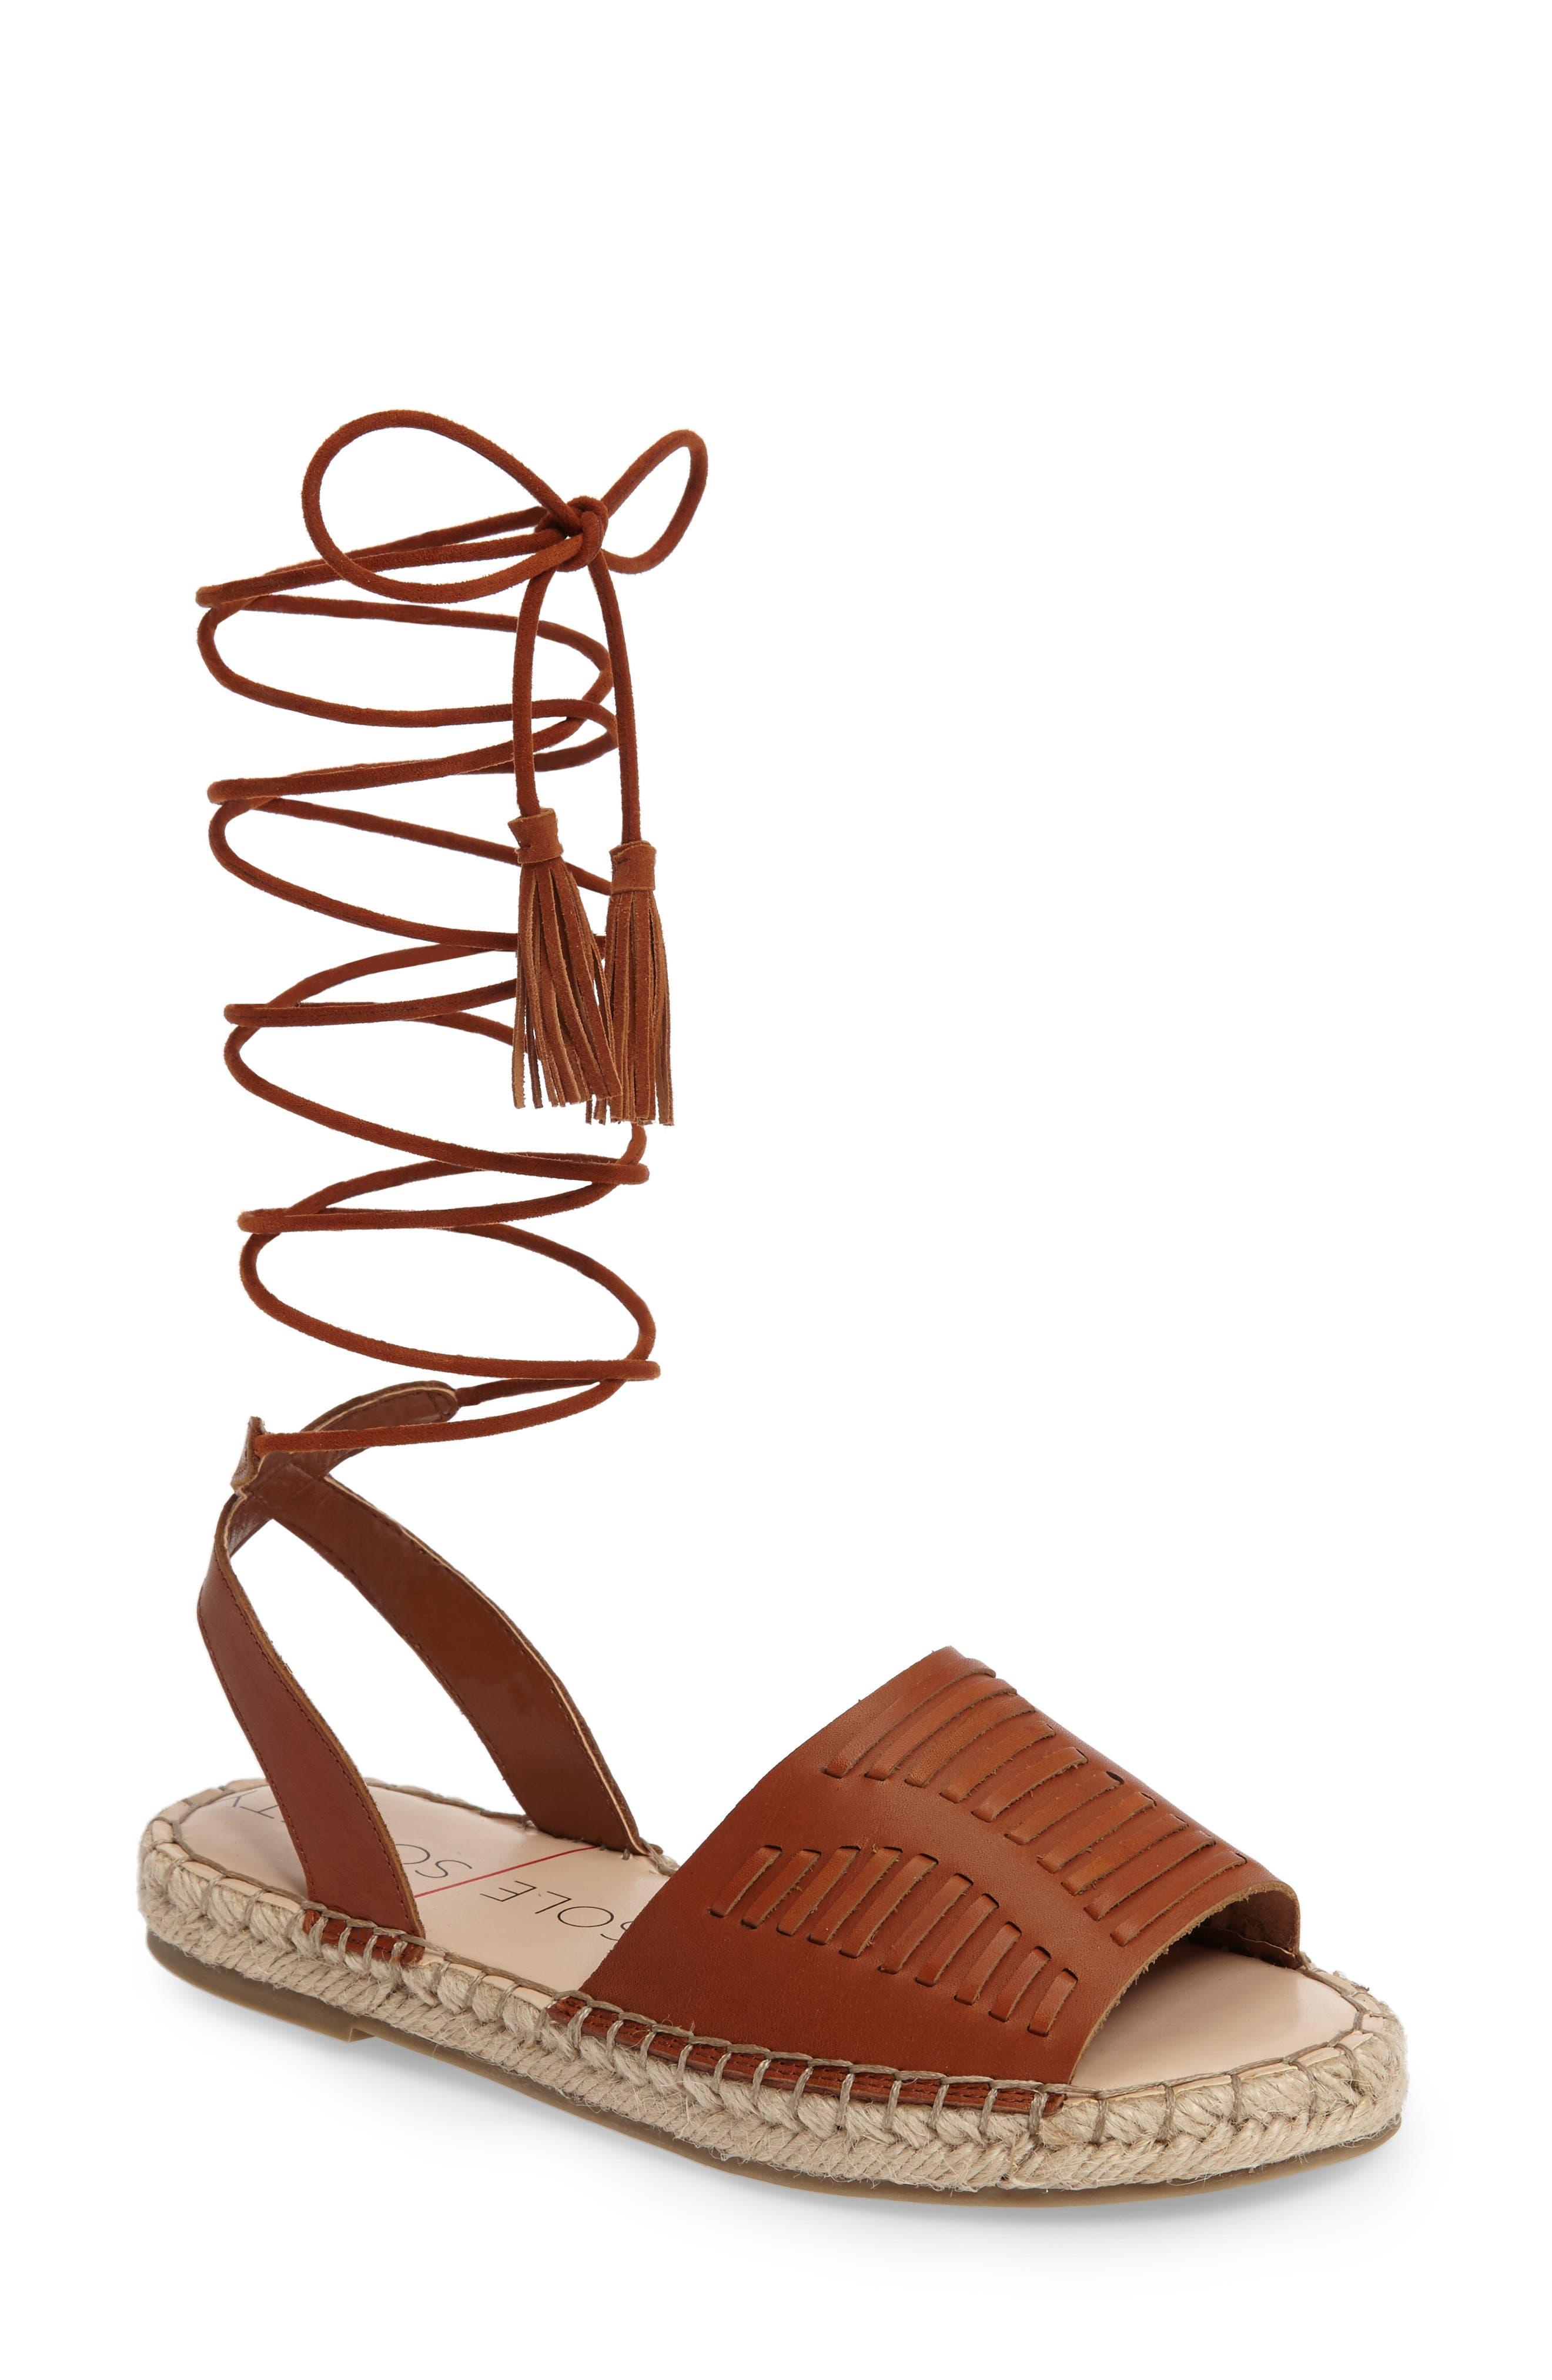 Clover Ankle Wrap Espadrille Sandal,                         Main,                         color, 212